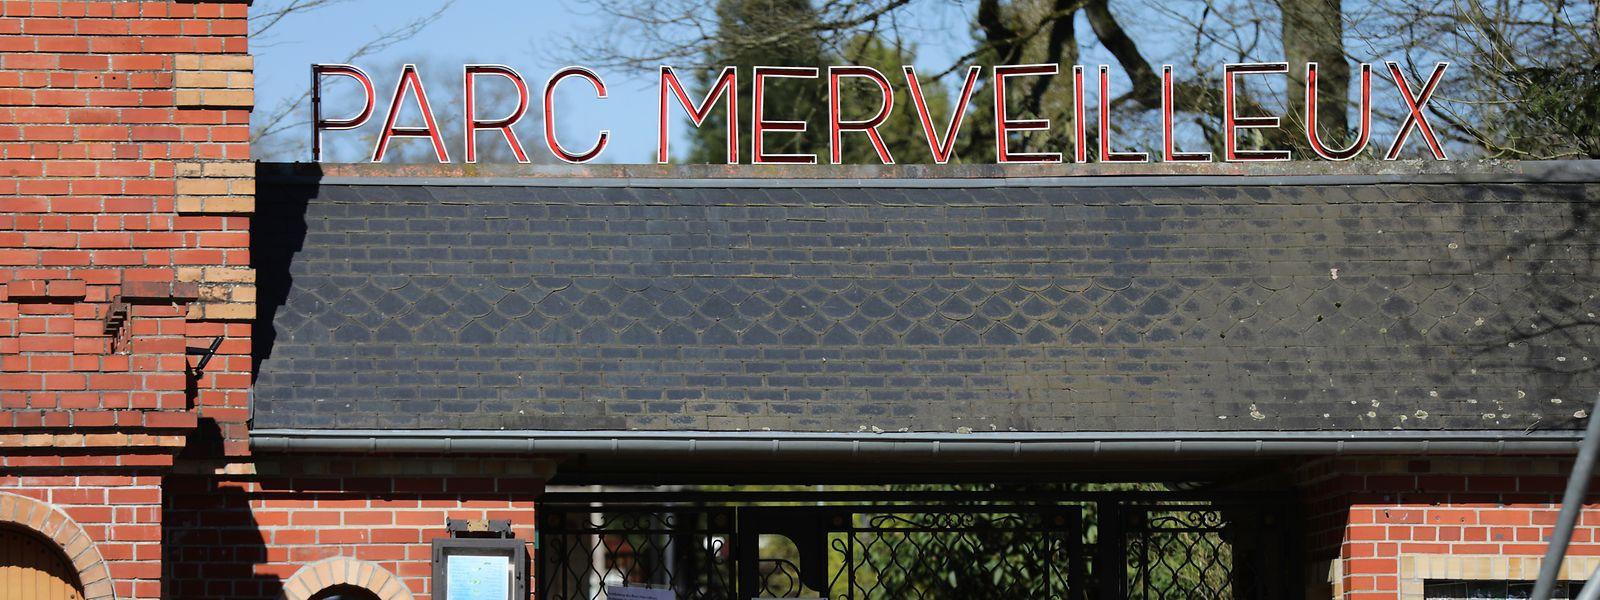 Am 28. März hätte der Märchenpark in Bettemburg in die neue Saison starten sollen. Wegen der Ausbreitung des Corona-Virus empfängt der Park allerdings bis auf Weiteres keine Besucher.